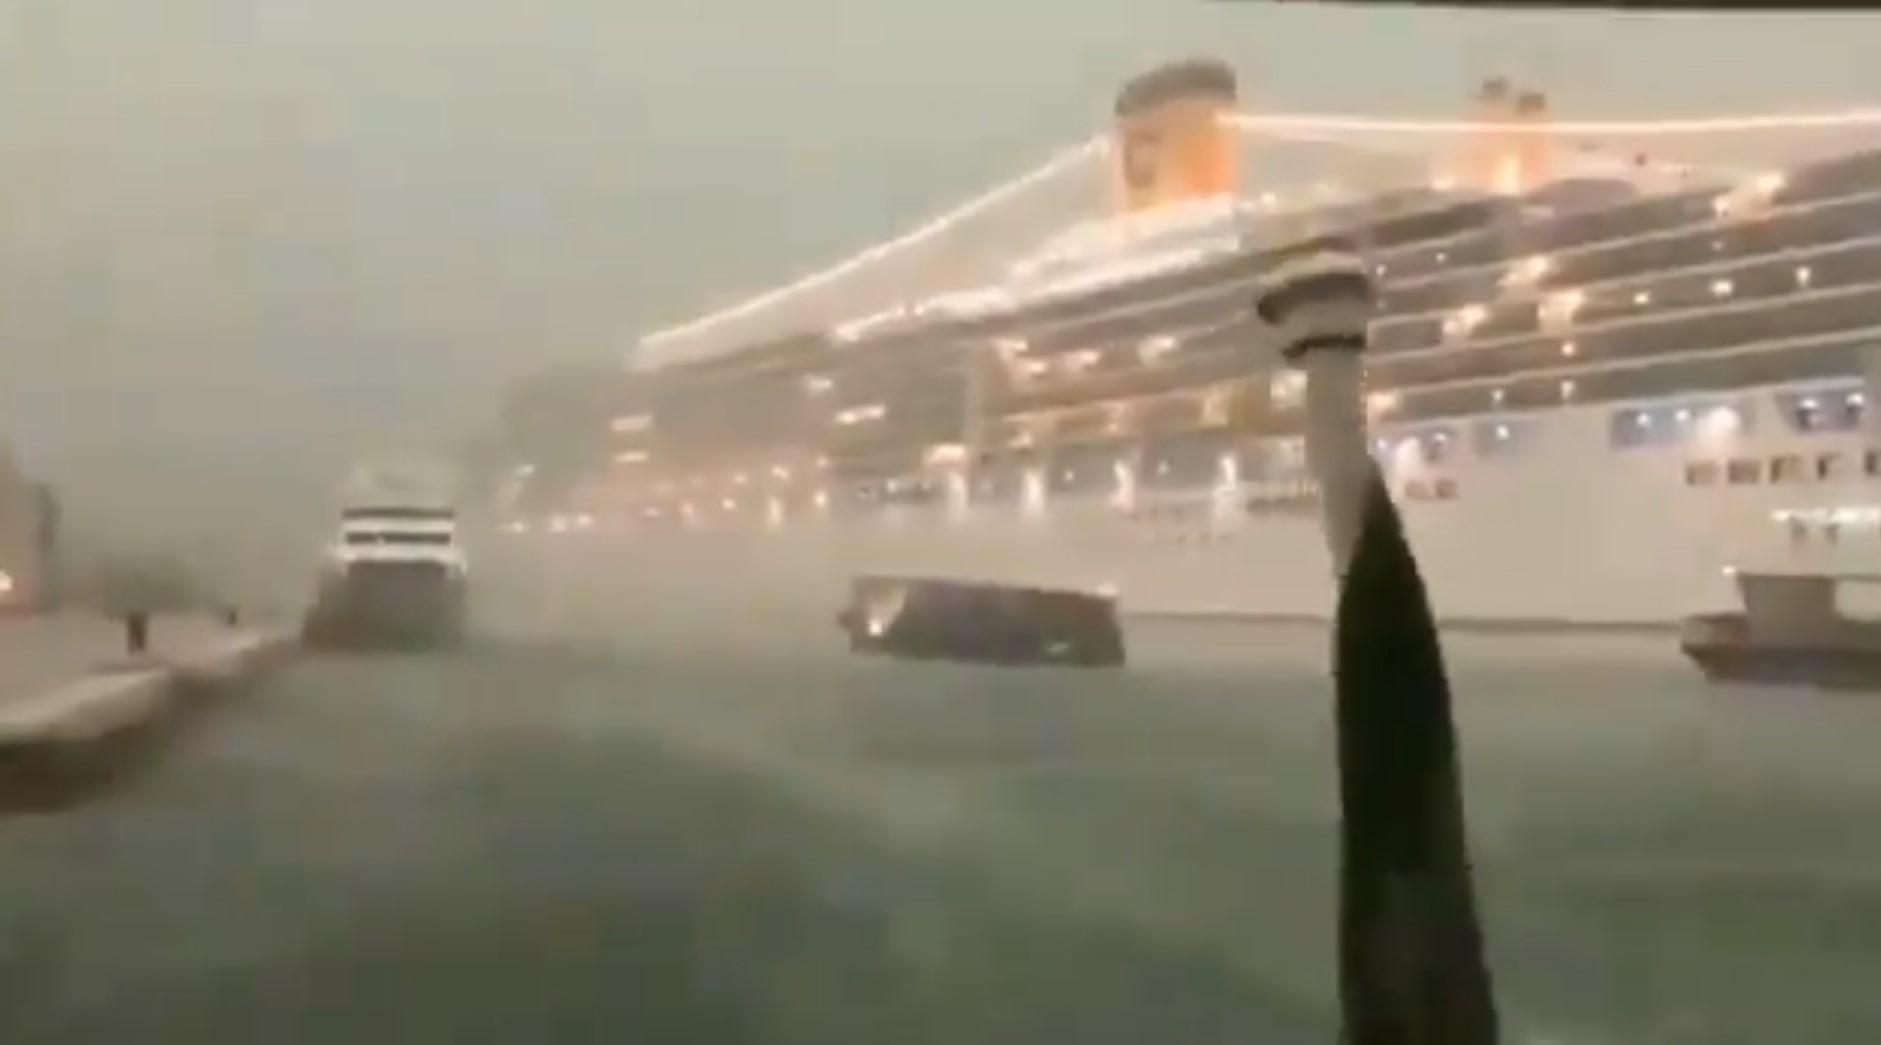 Otro crucero en Venecia pierde el control durante maniobra